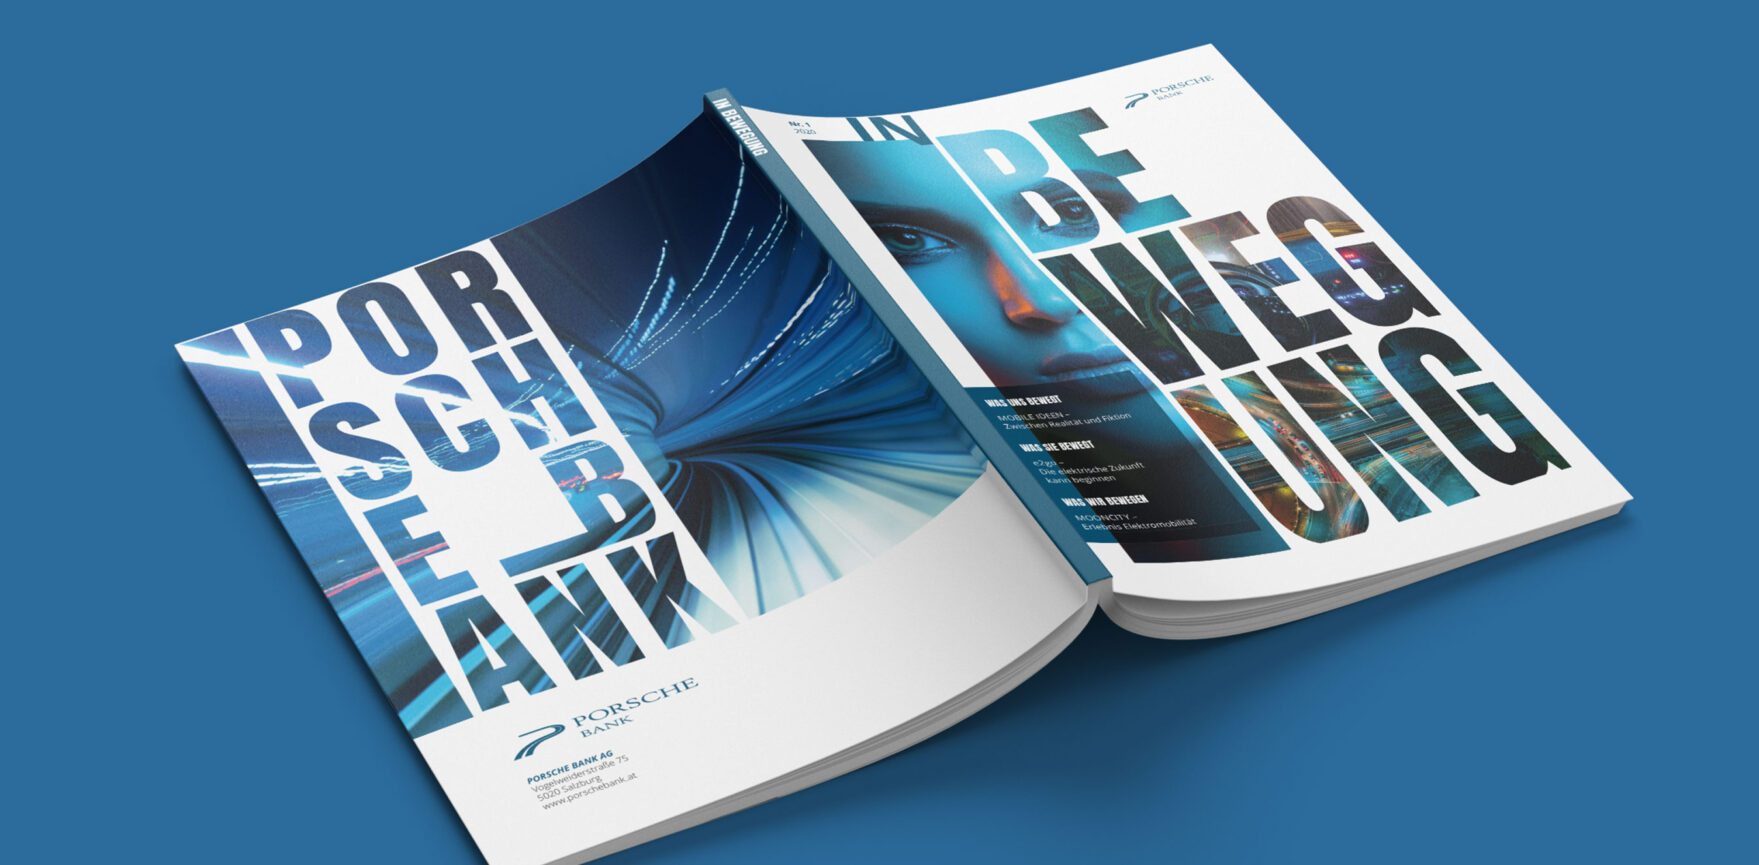 Porsche Bank Kundenmagazin Umschlaggestaltung